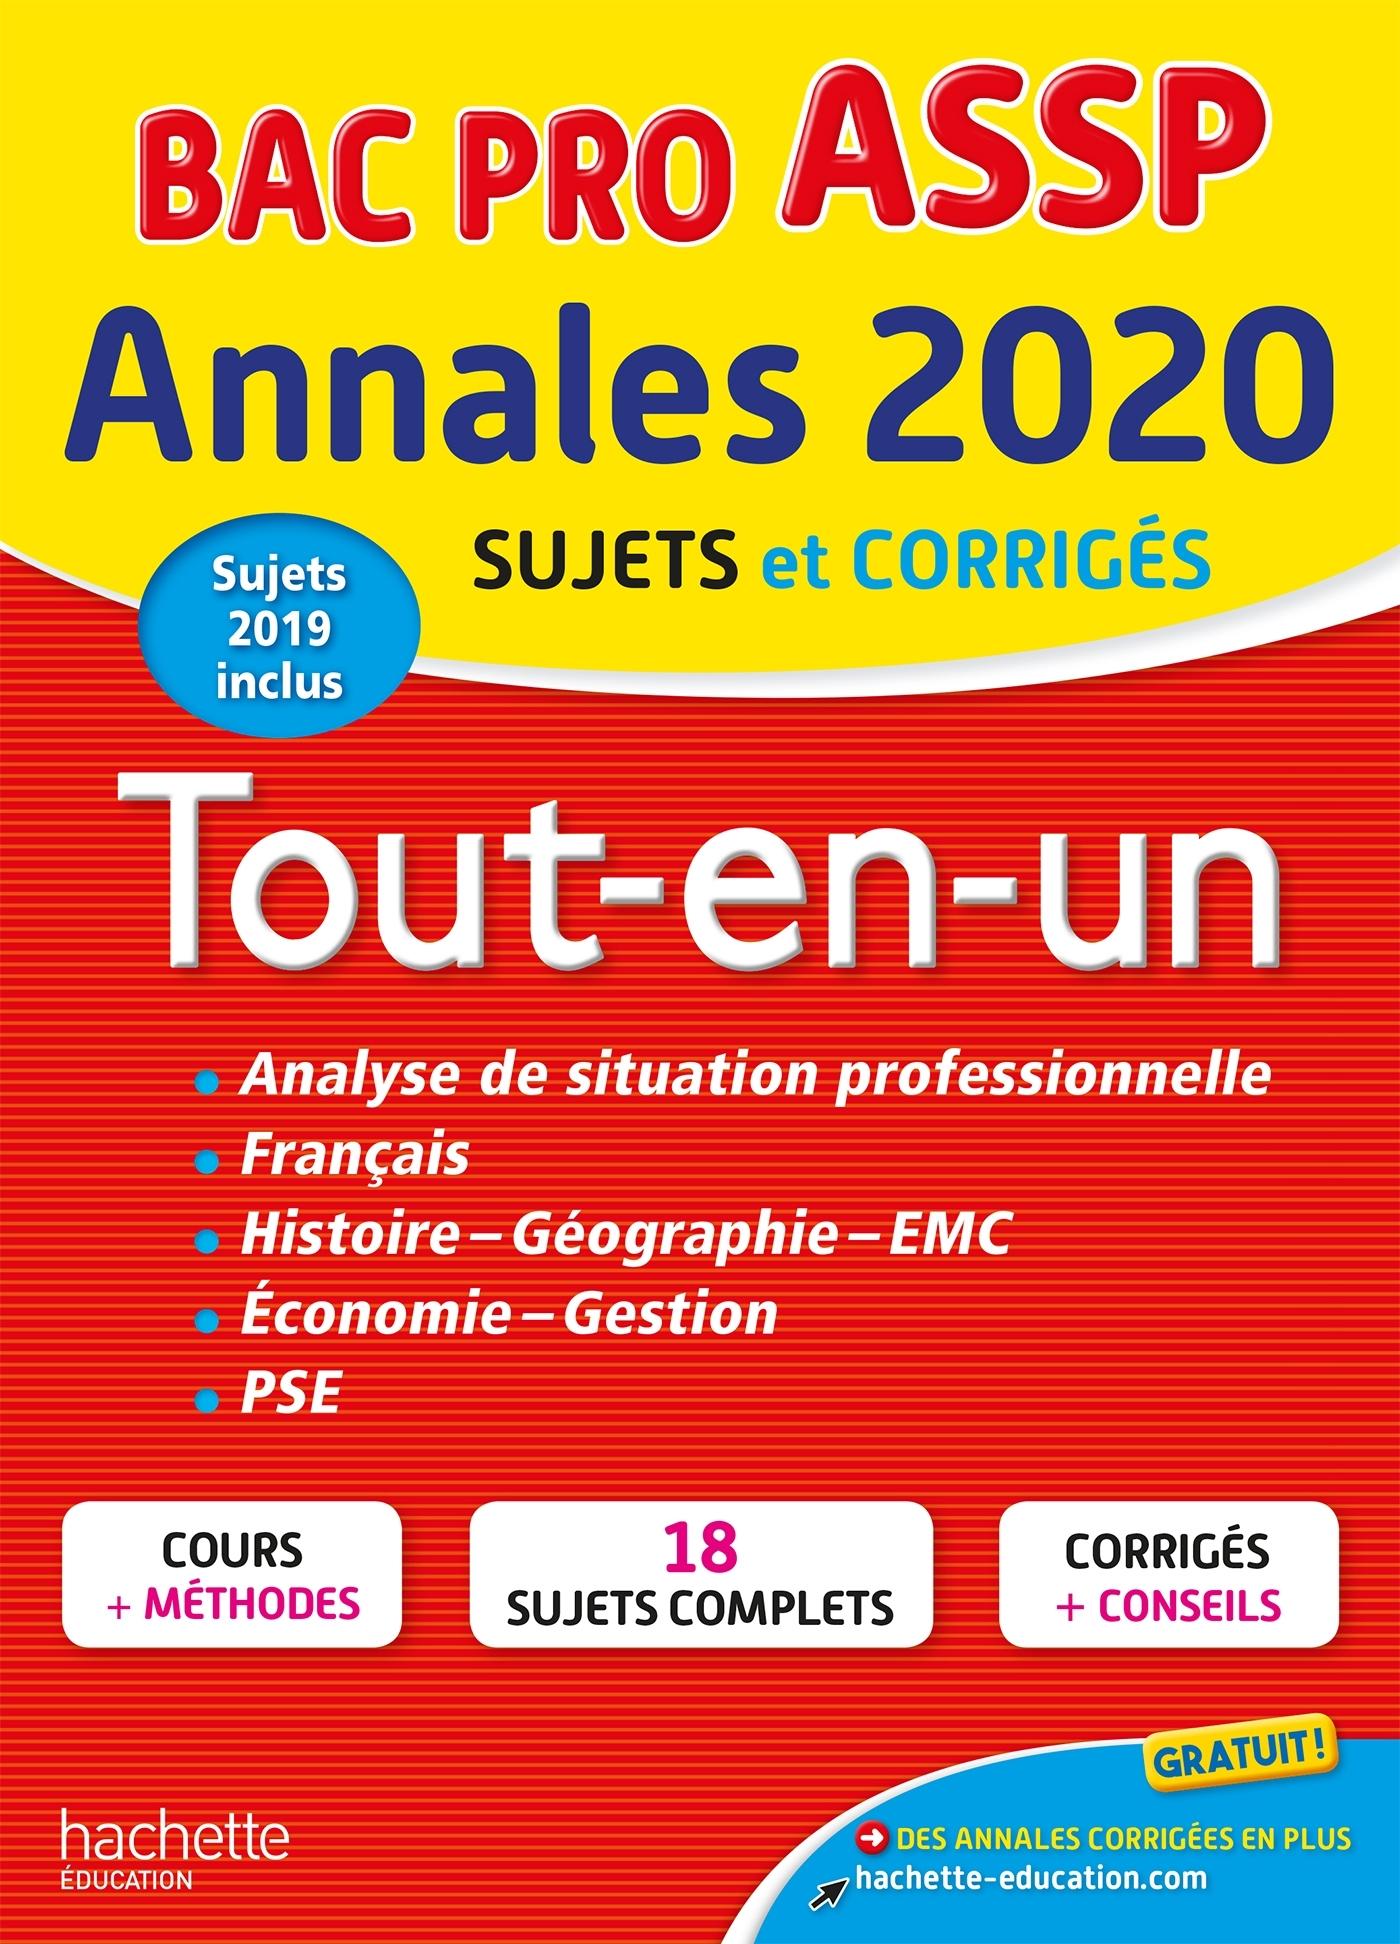 ANNALES BAC 2020 LE TOUT-EN-UN BAC PRO ASSP